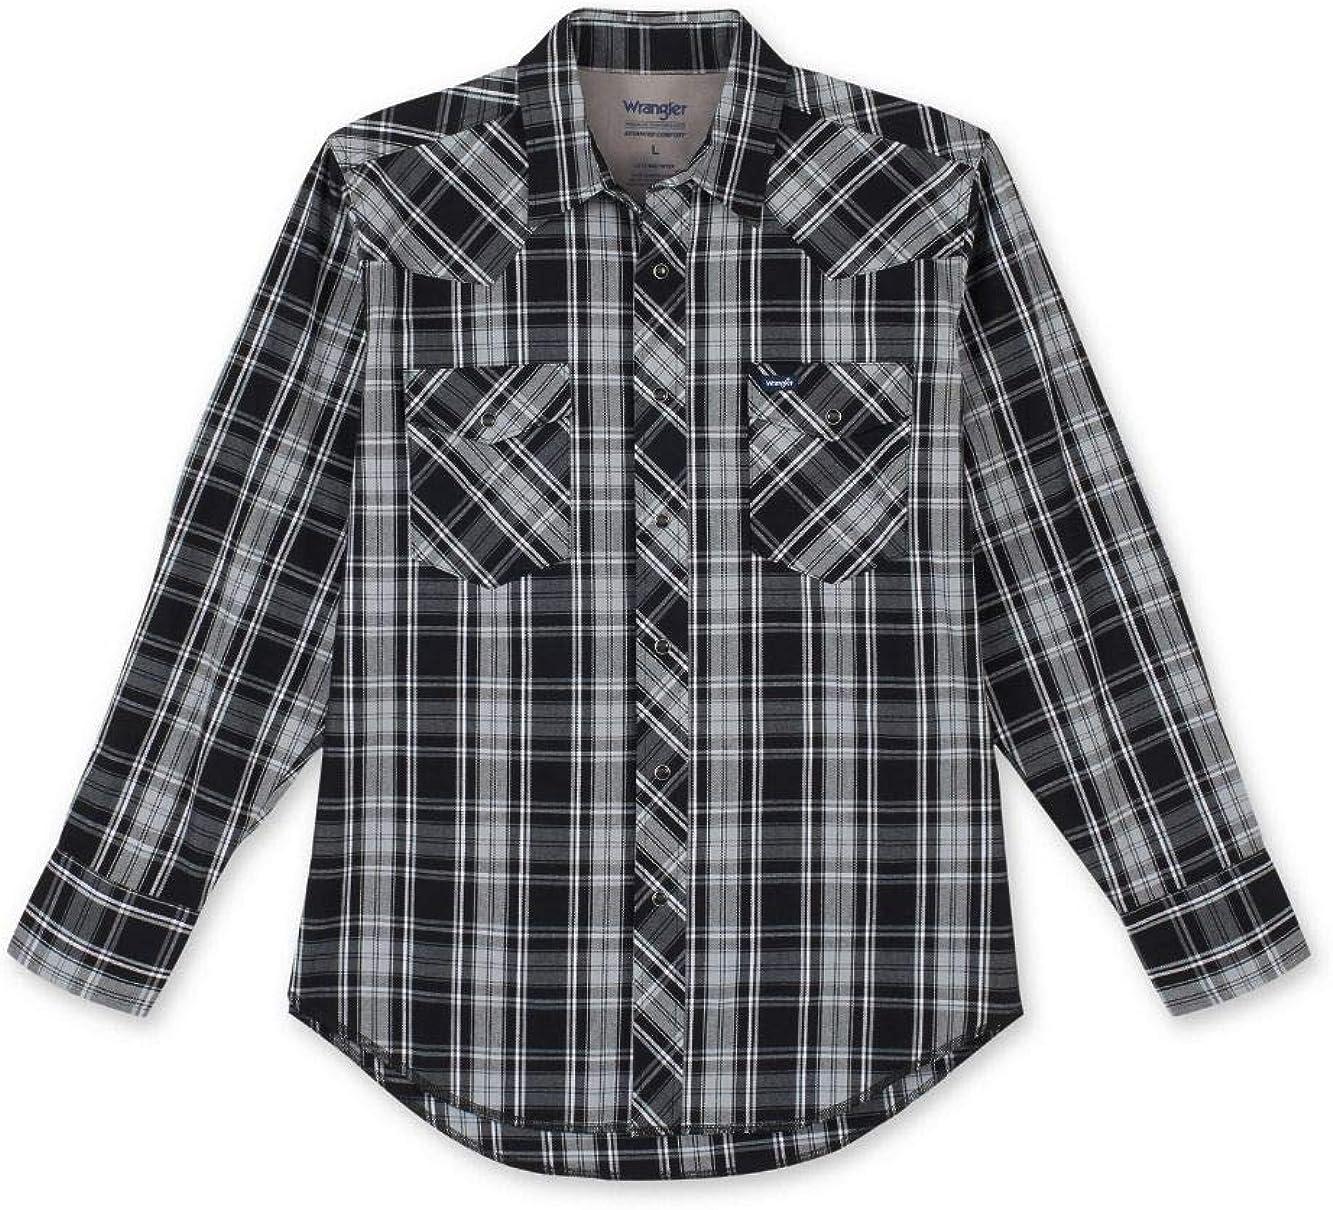 Wrangler Men's Premium Performance Workshirt